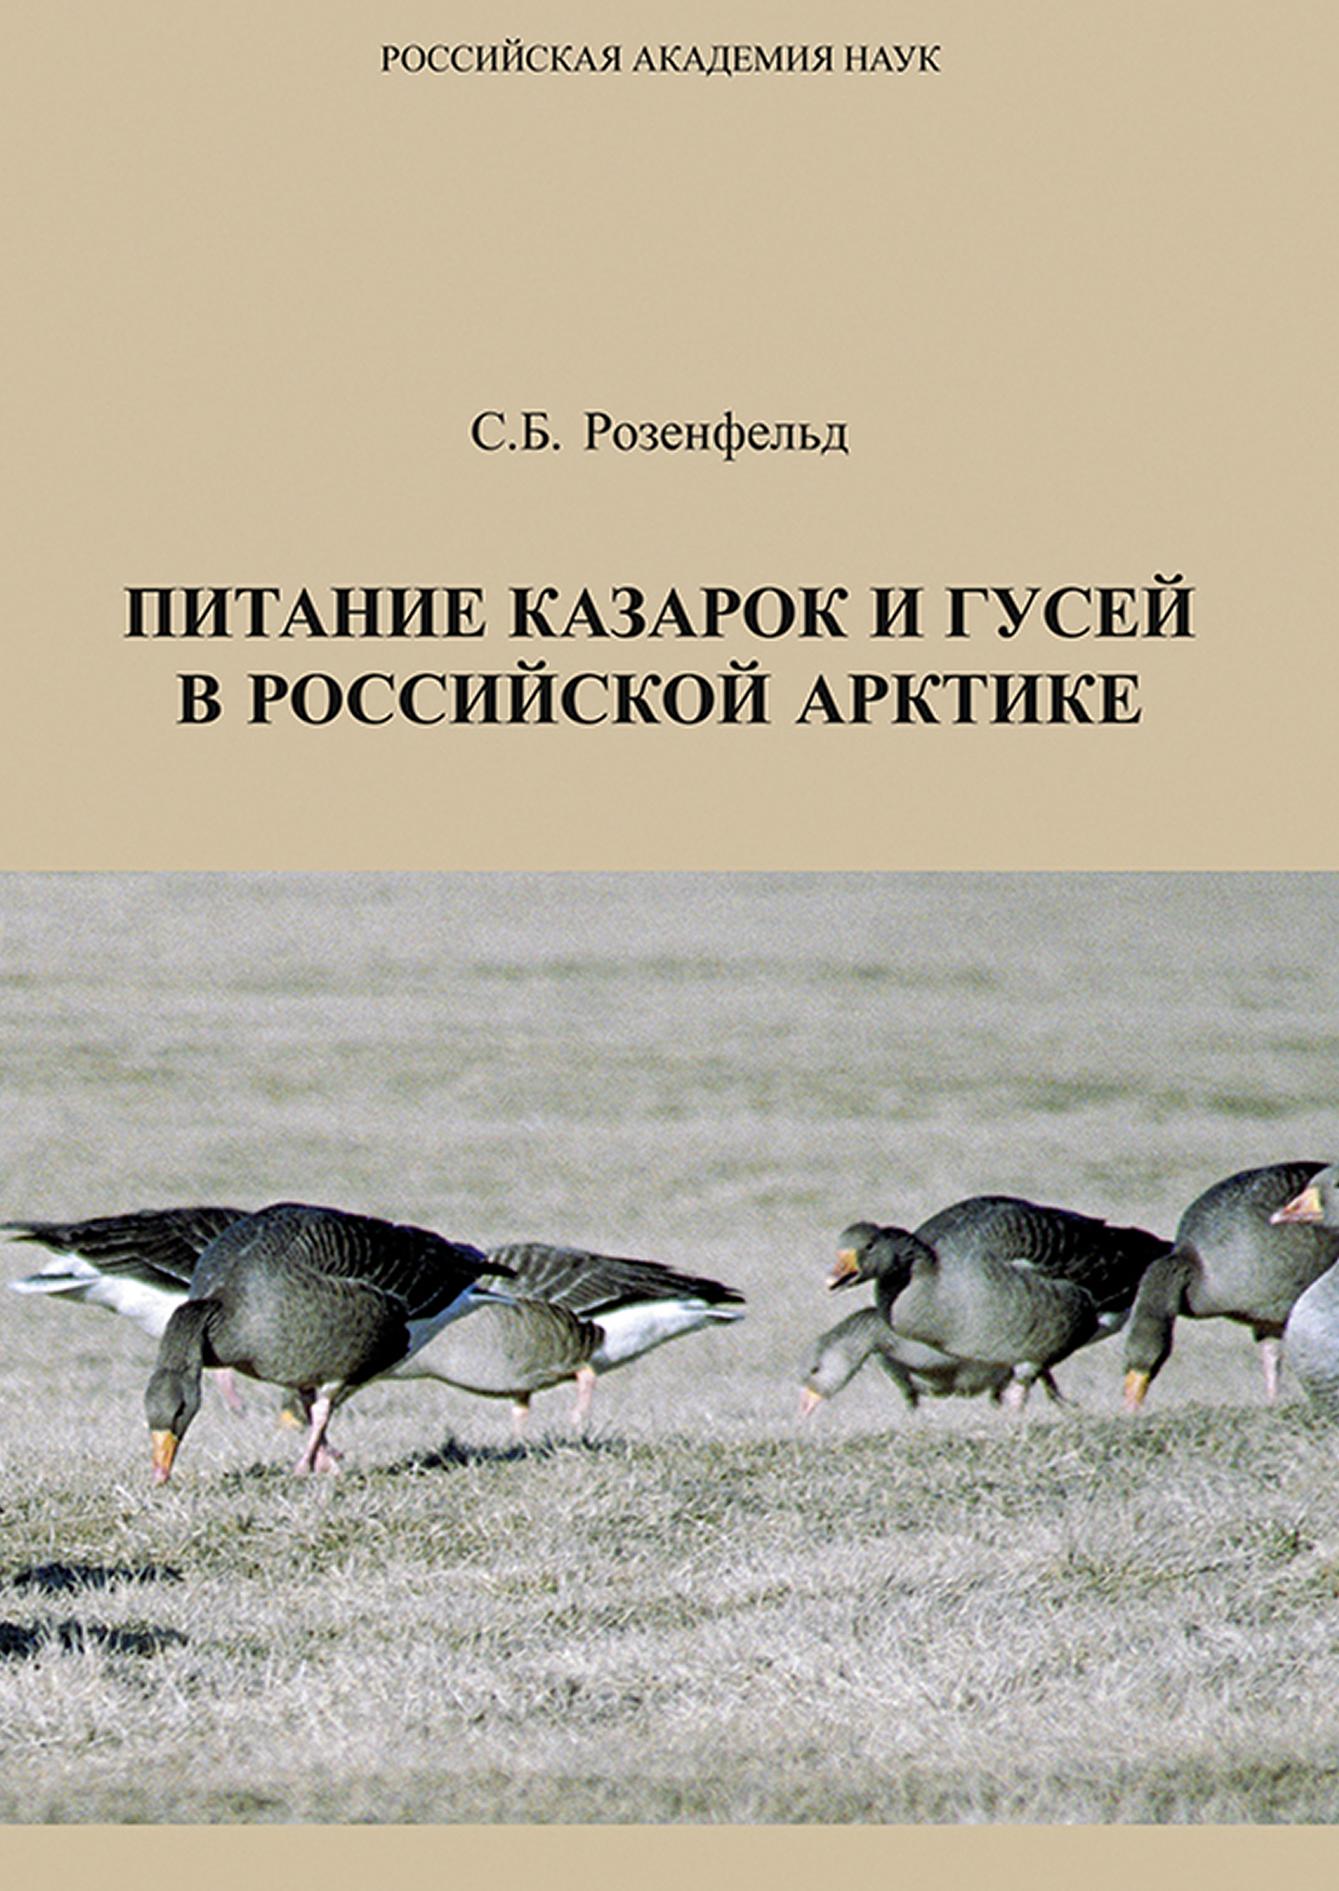 Питание казарок и гусей в Российской Арктике